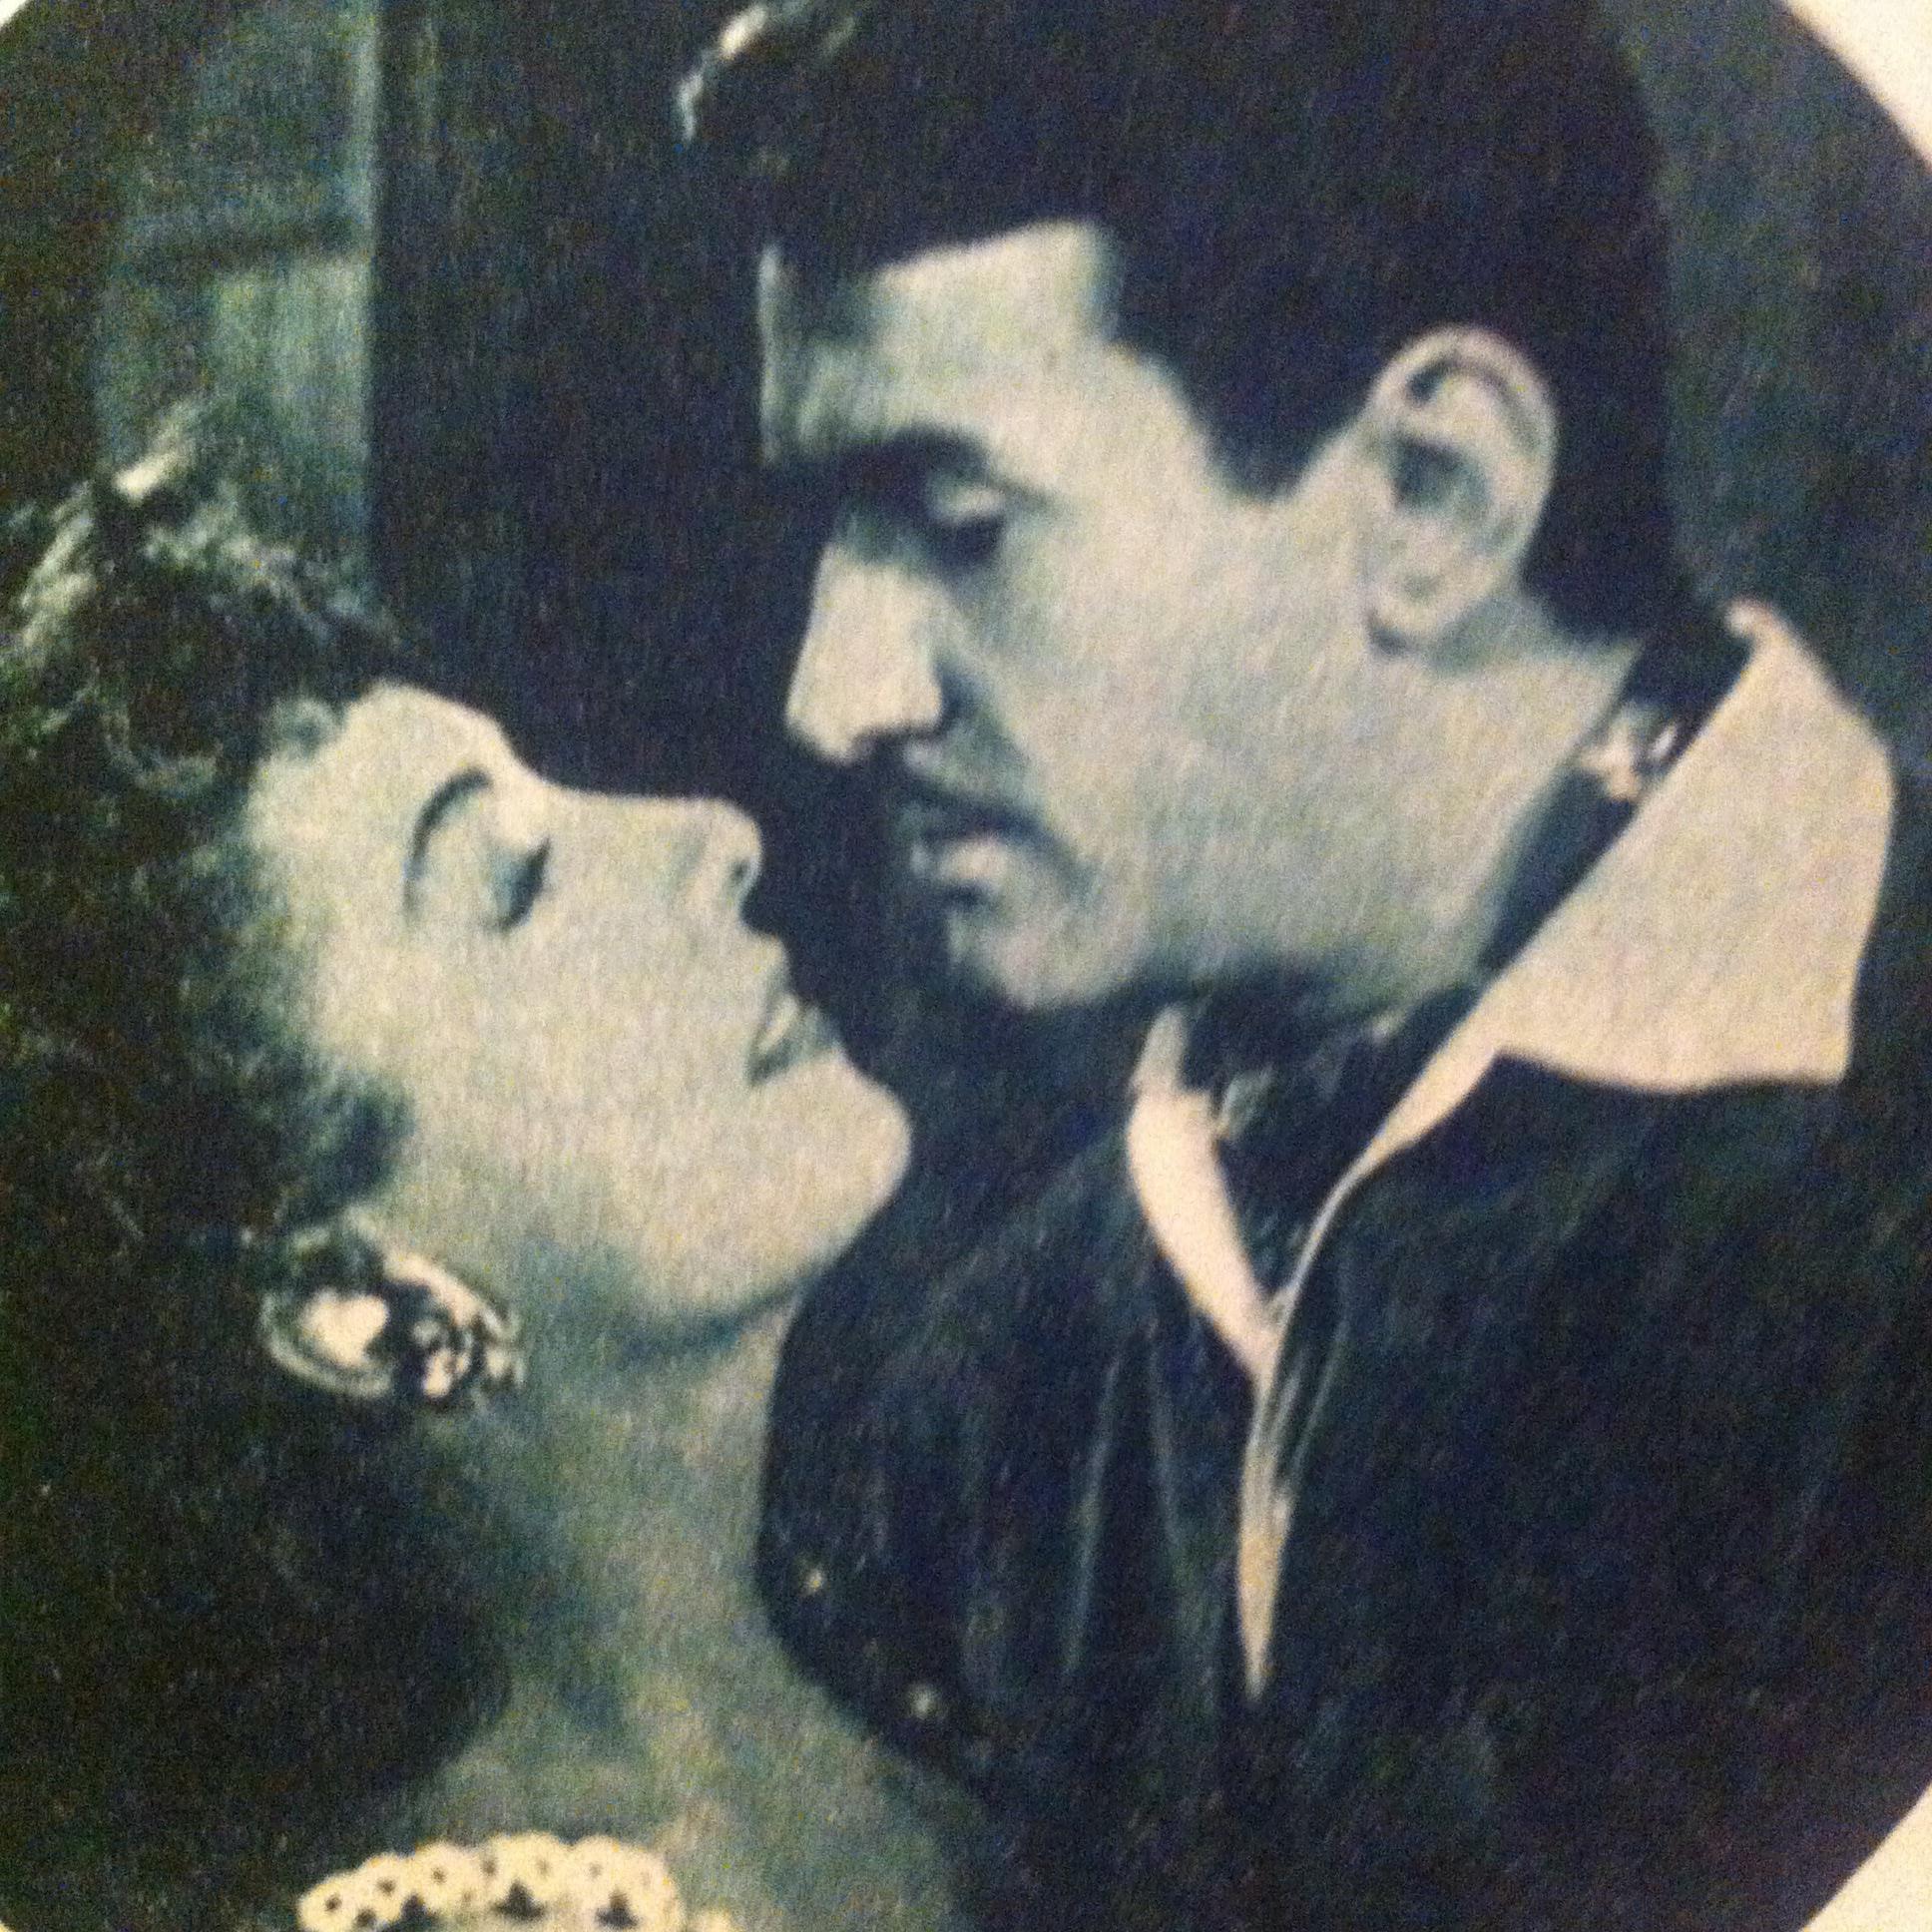 Viviane Romance and Frank Villard in Les sept péchés capitaux (1952)